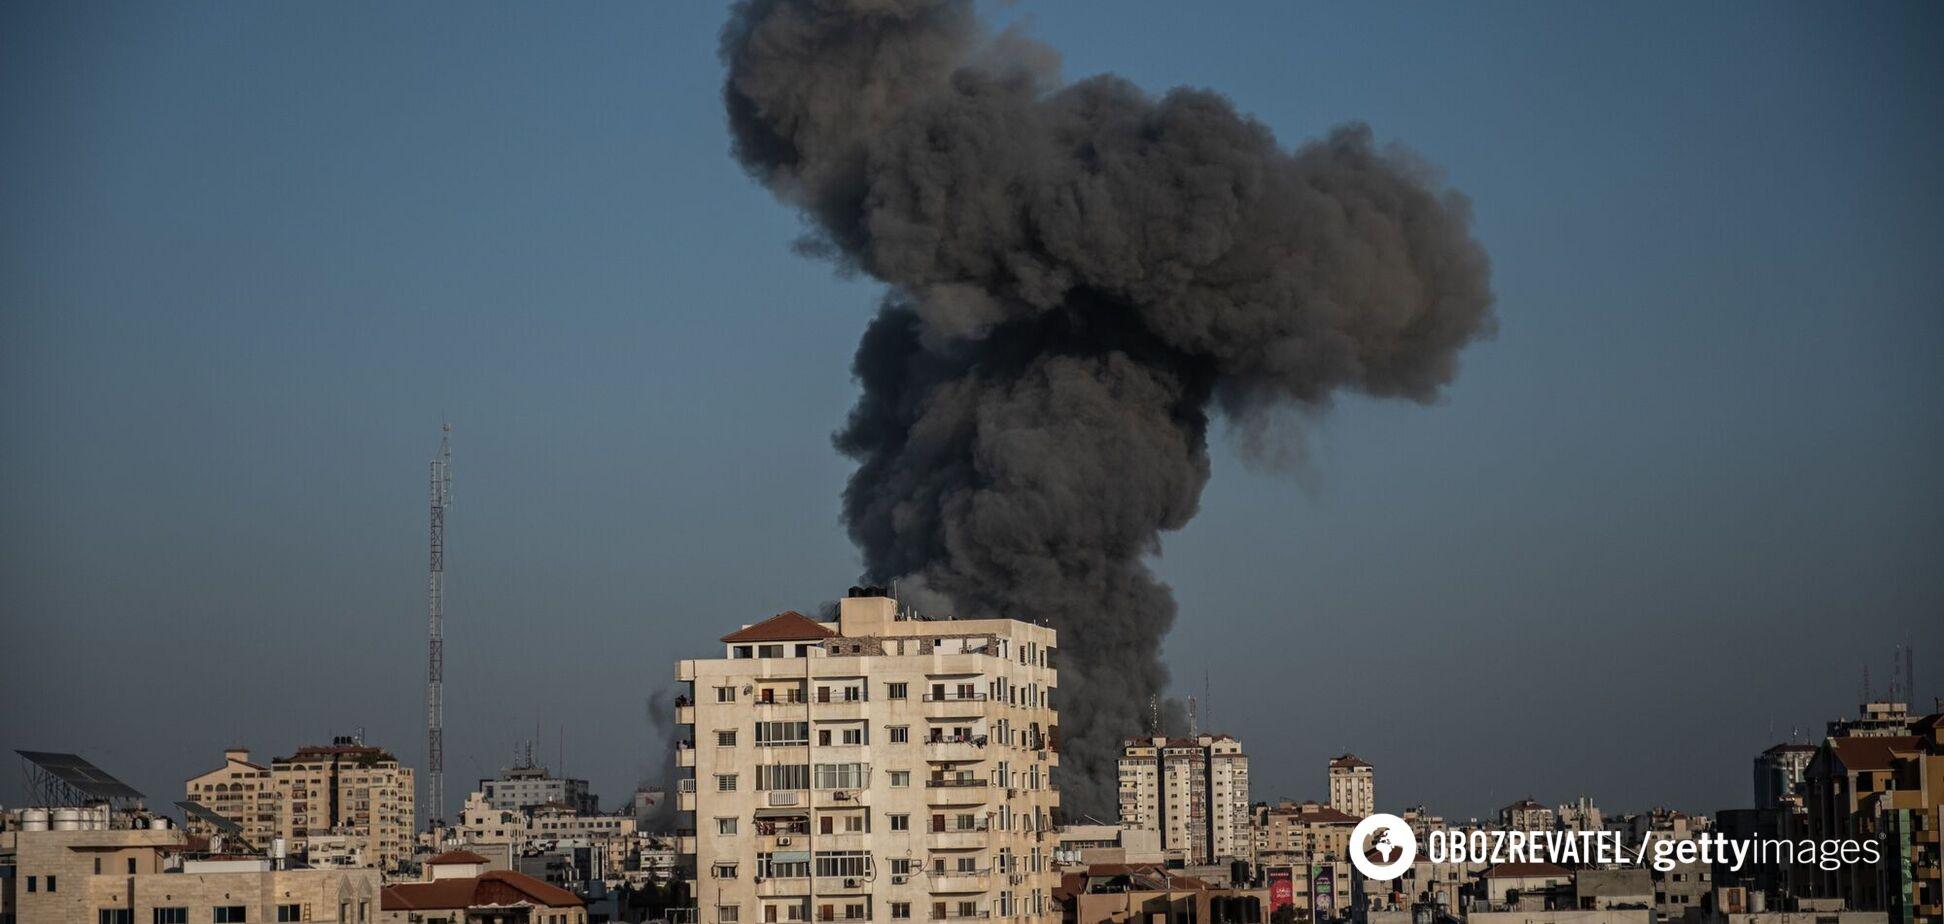 МИД подготовил эвакуацию украинцев из сектора Газа: задержка за Кабмином